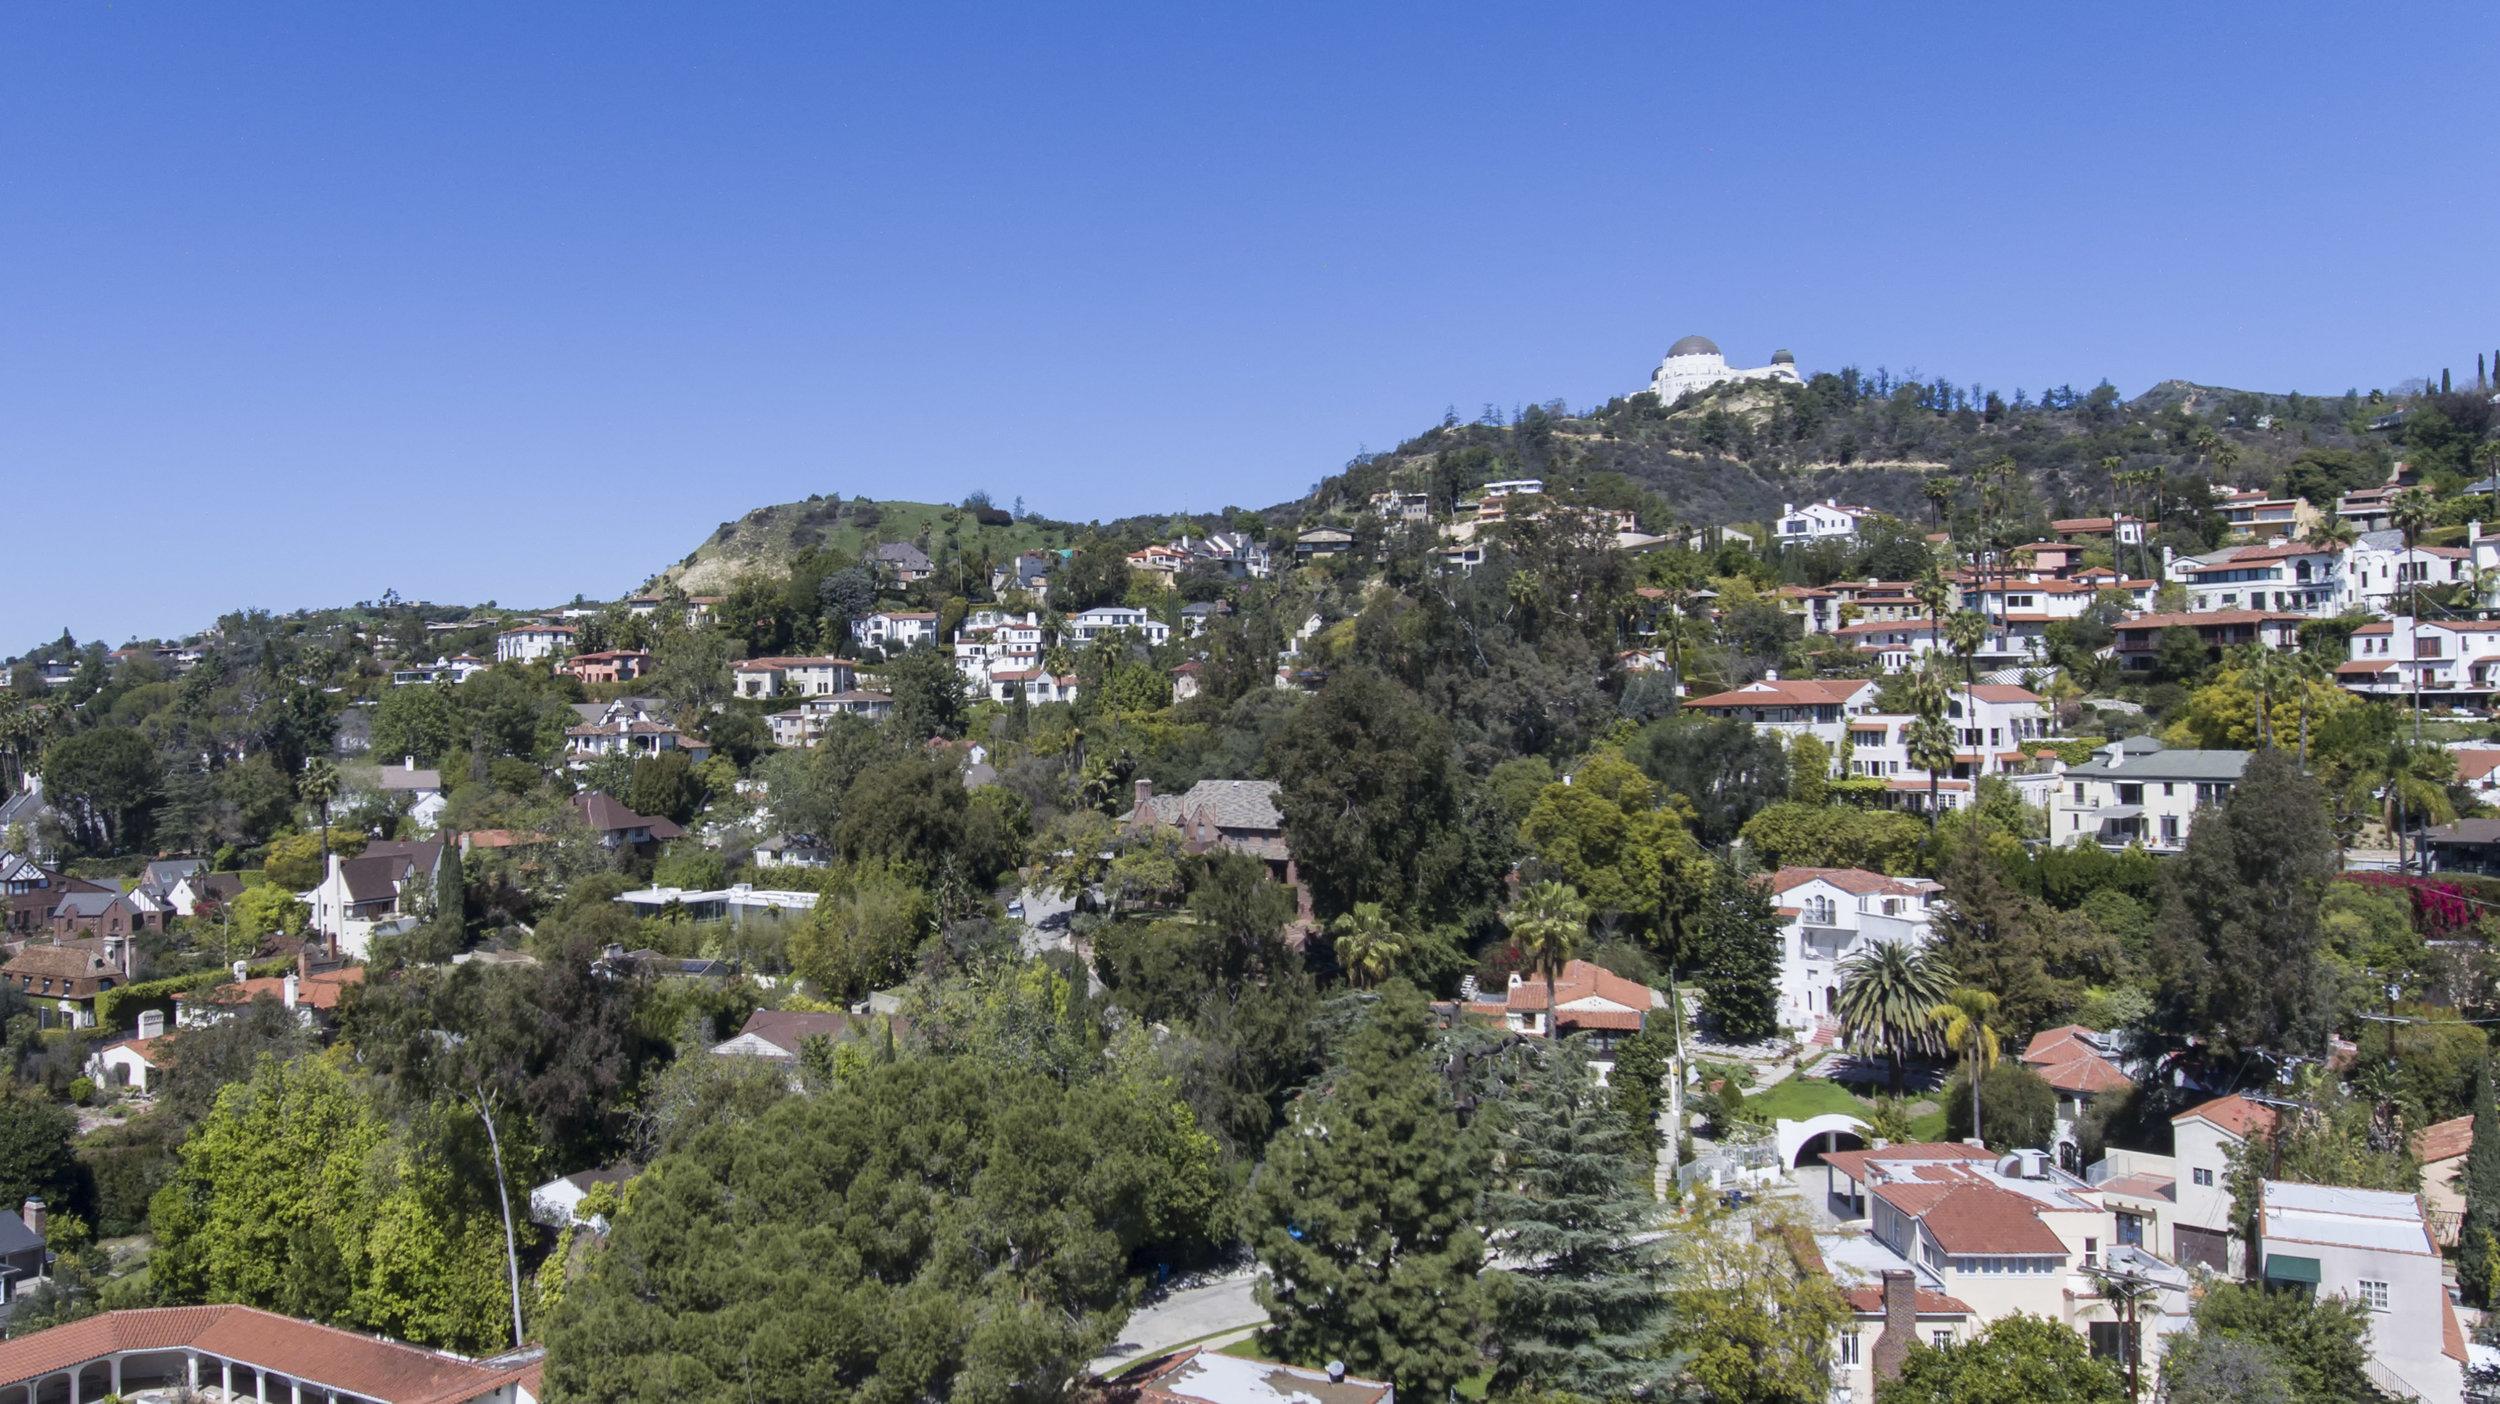 034 Hills 006 Pool 4915 Los Feliz For Sale Los Angeles Lease The Malibu Life Team Luxury Real Estate.jpg